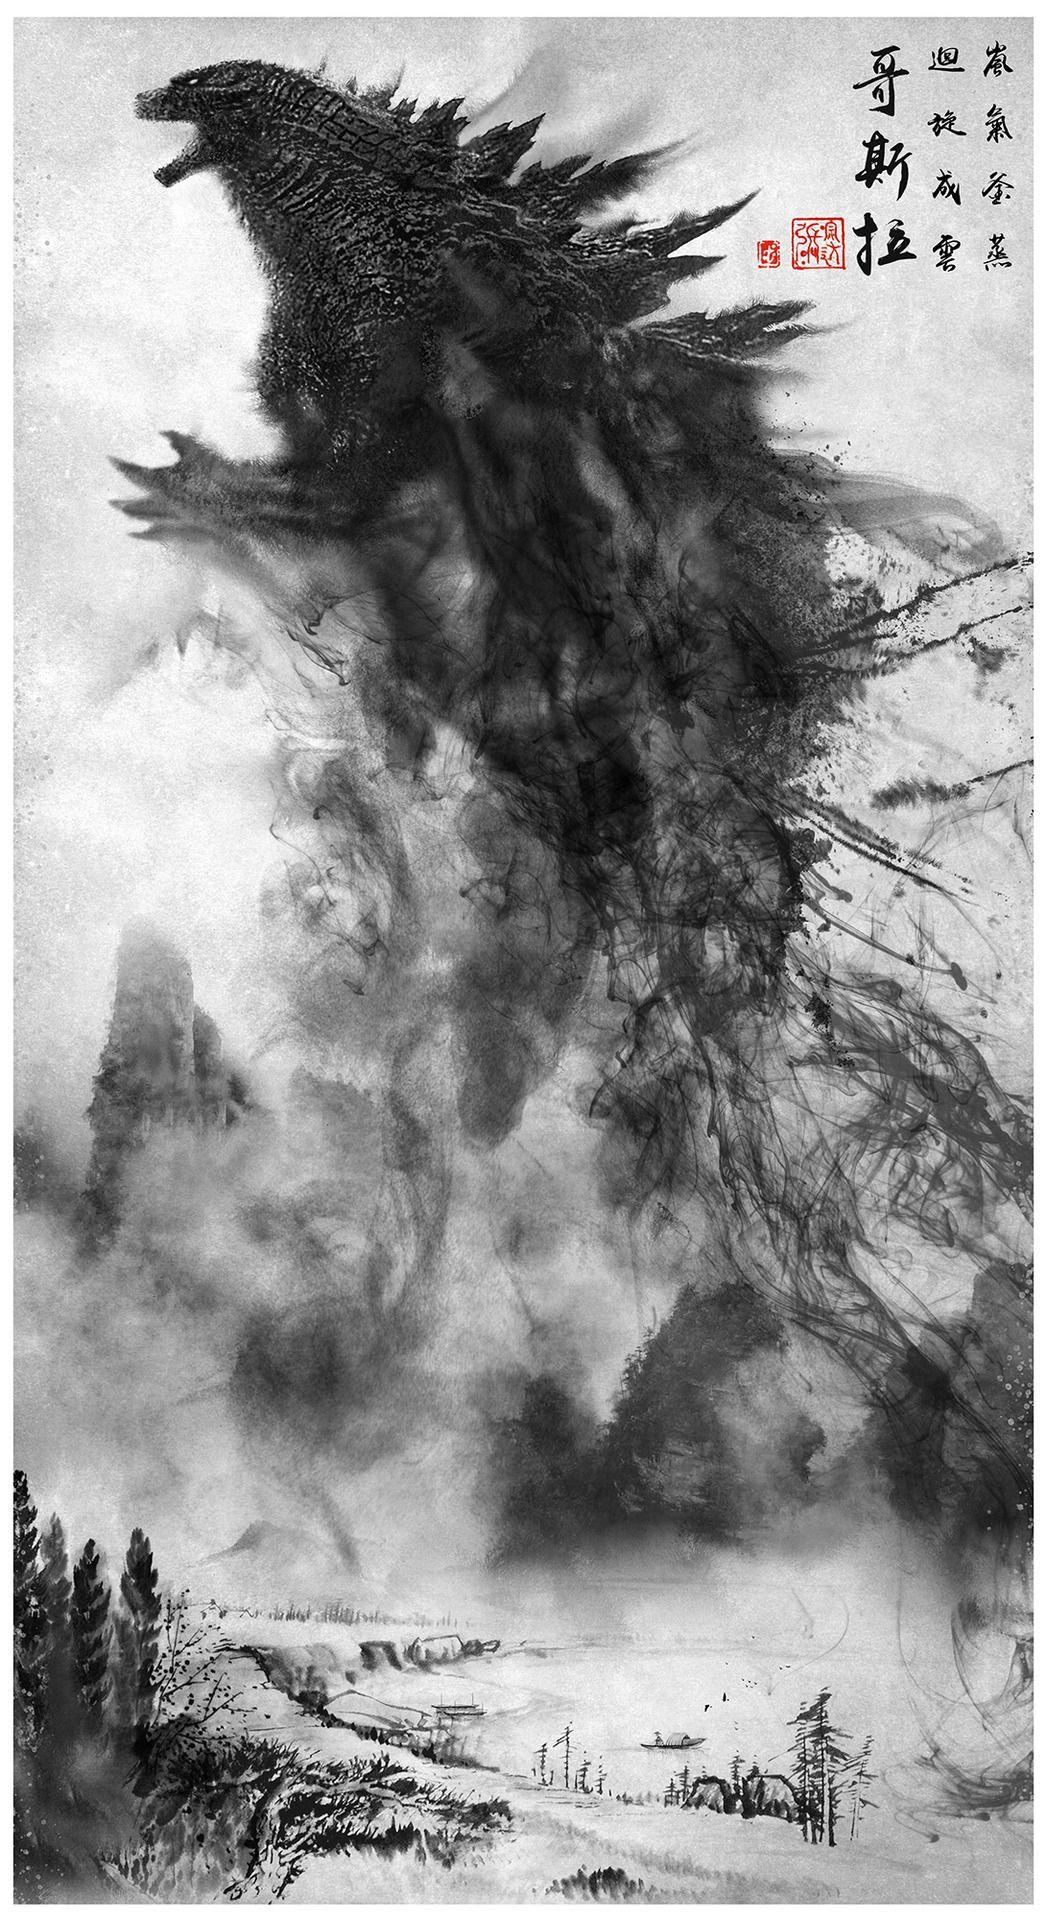 Godzilla cheung chung tat godzilla wallpaper godzilla